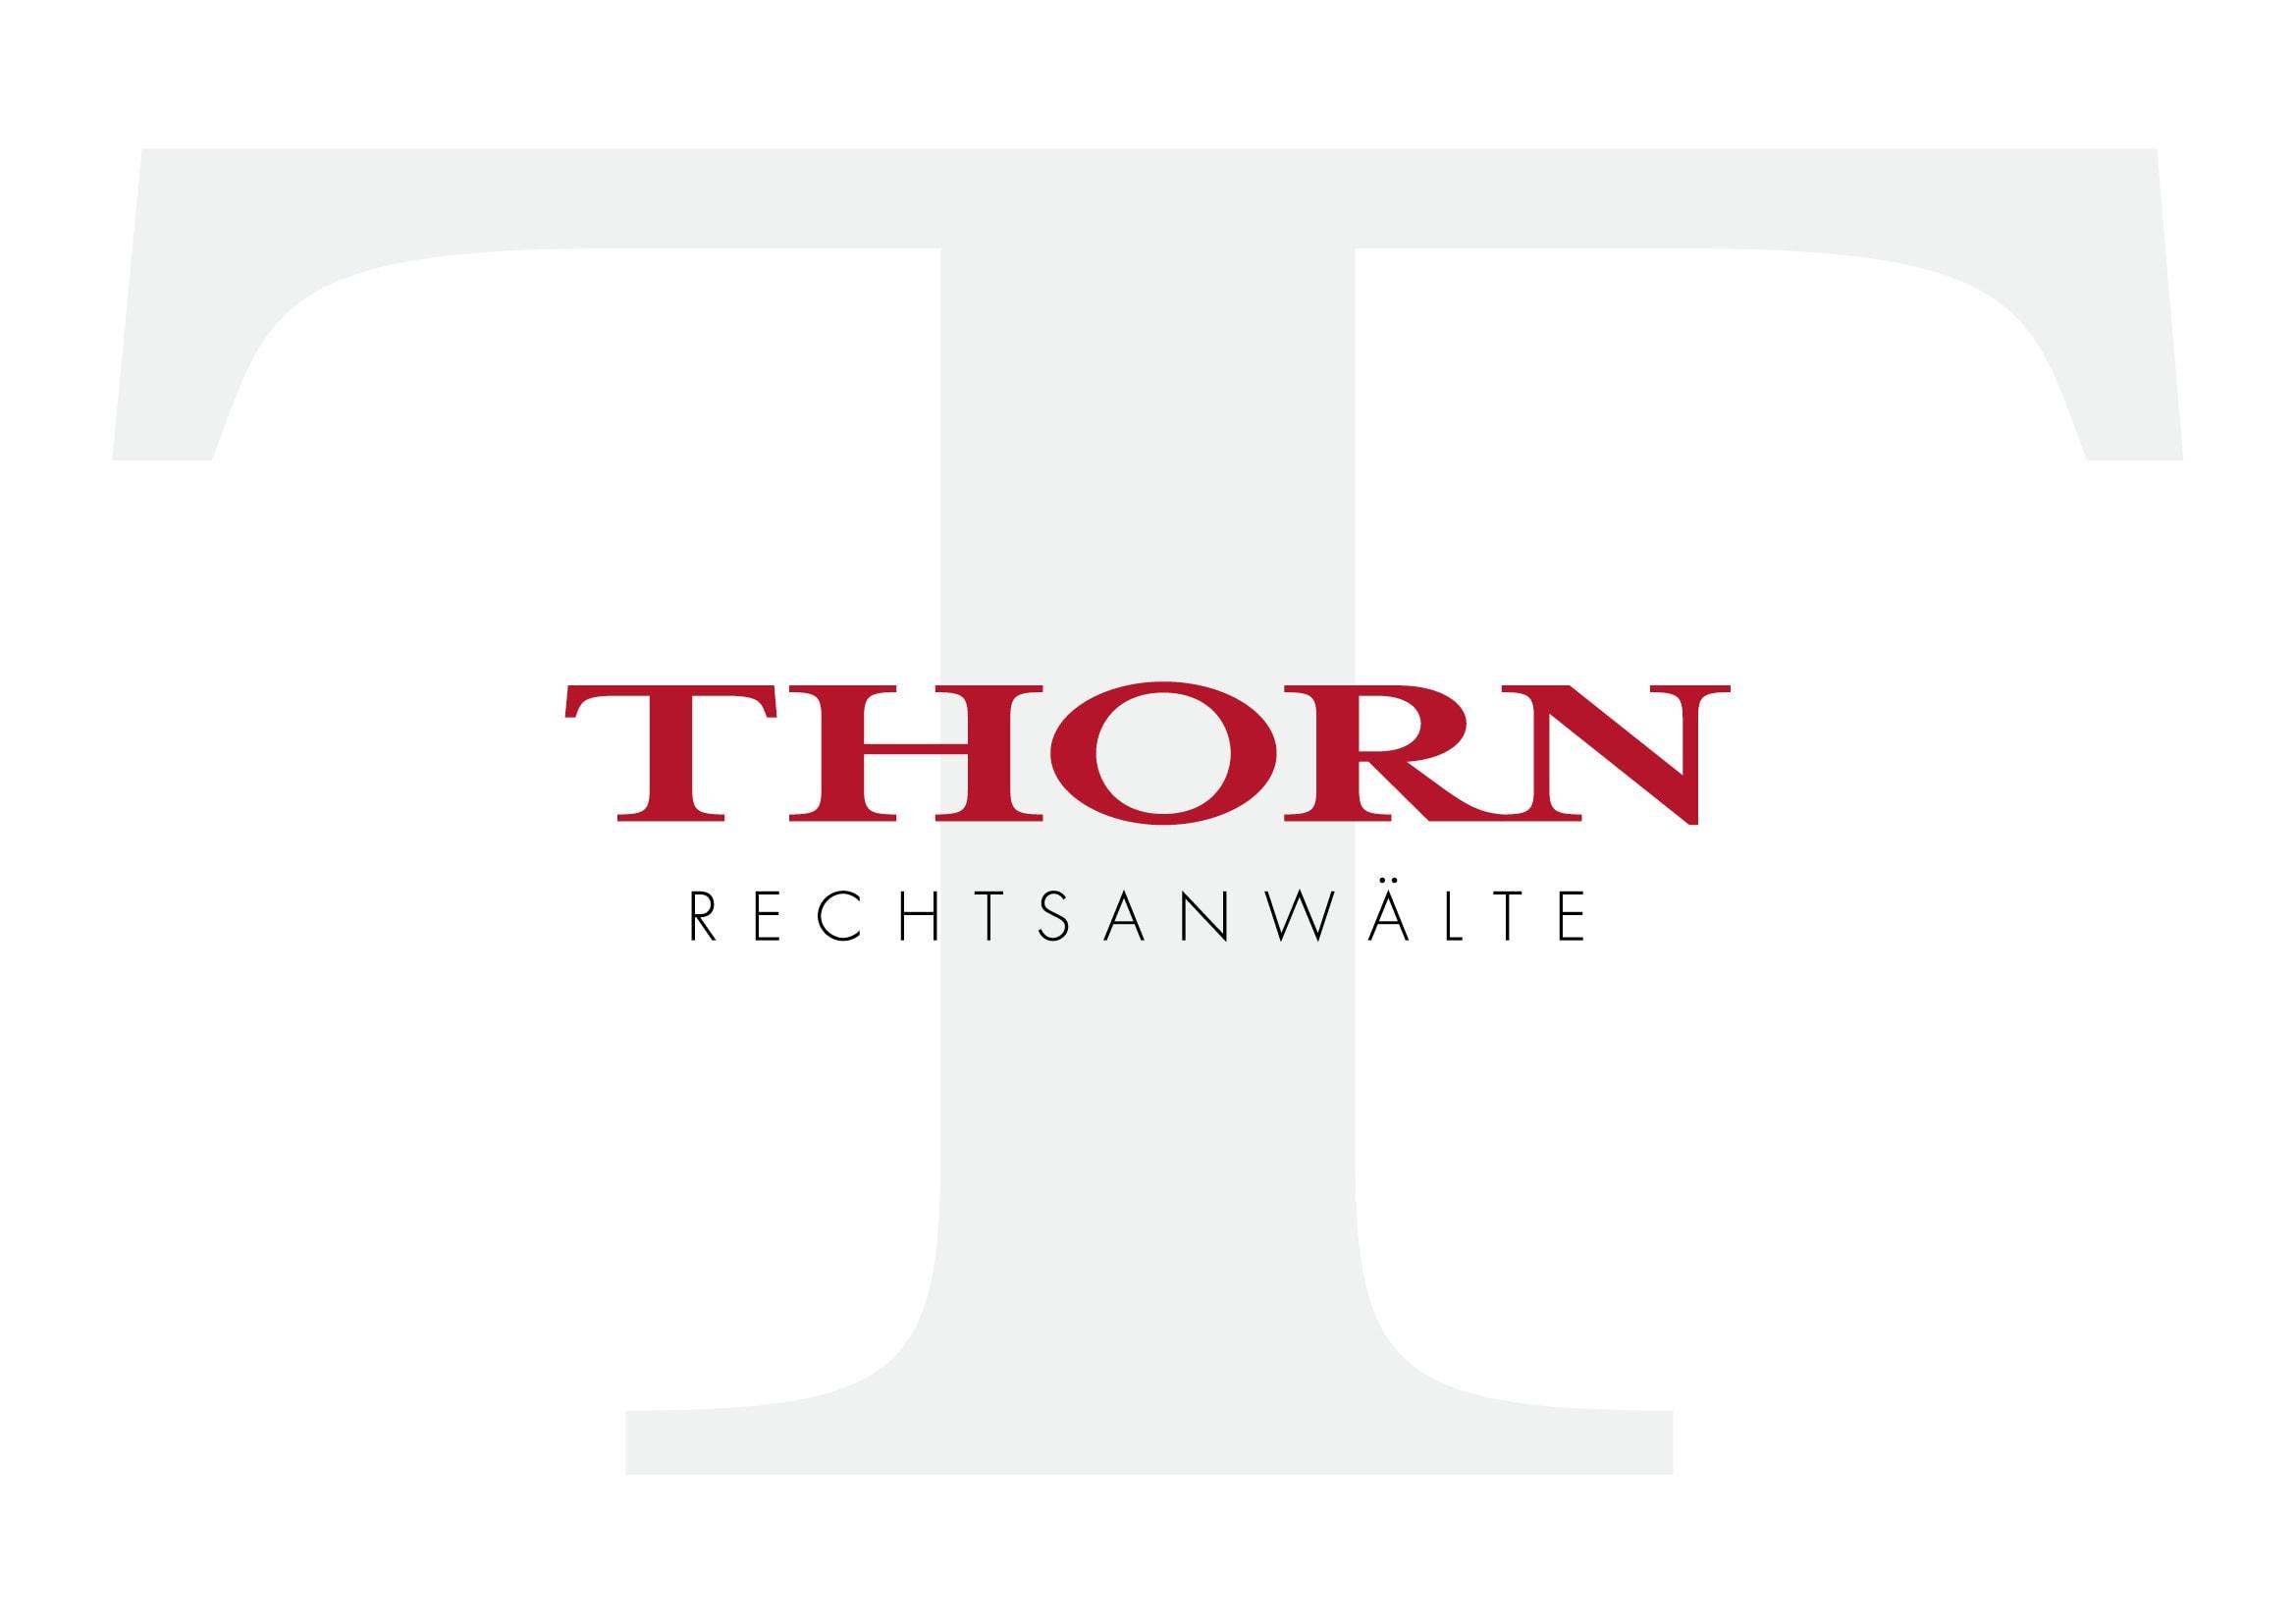 Logo Entwicklung für DR. THORN RECHTSANWÄLTE PartGmbB durch Grafik-Designer Ronald Wissle